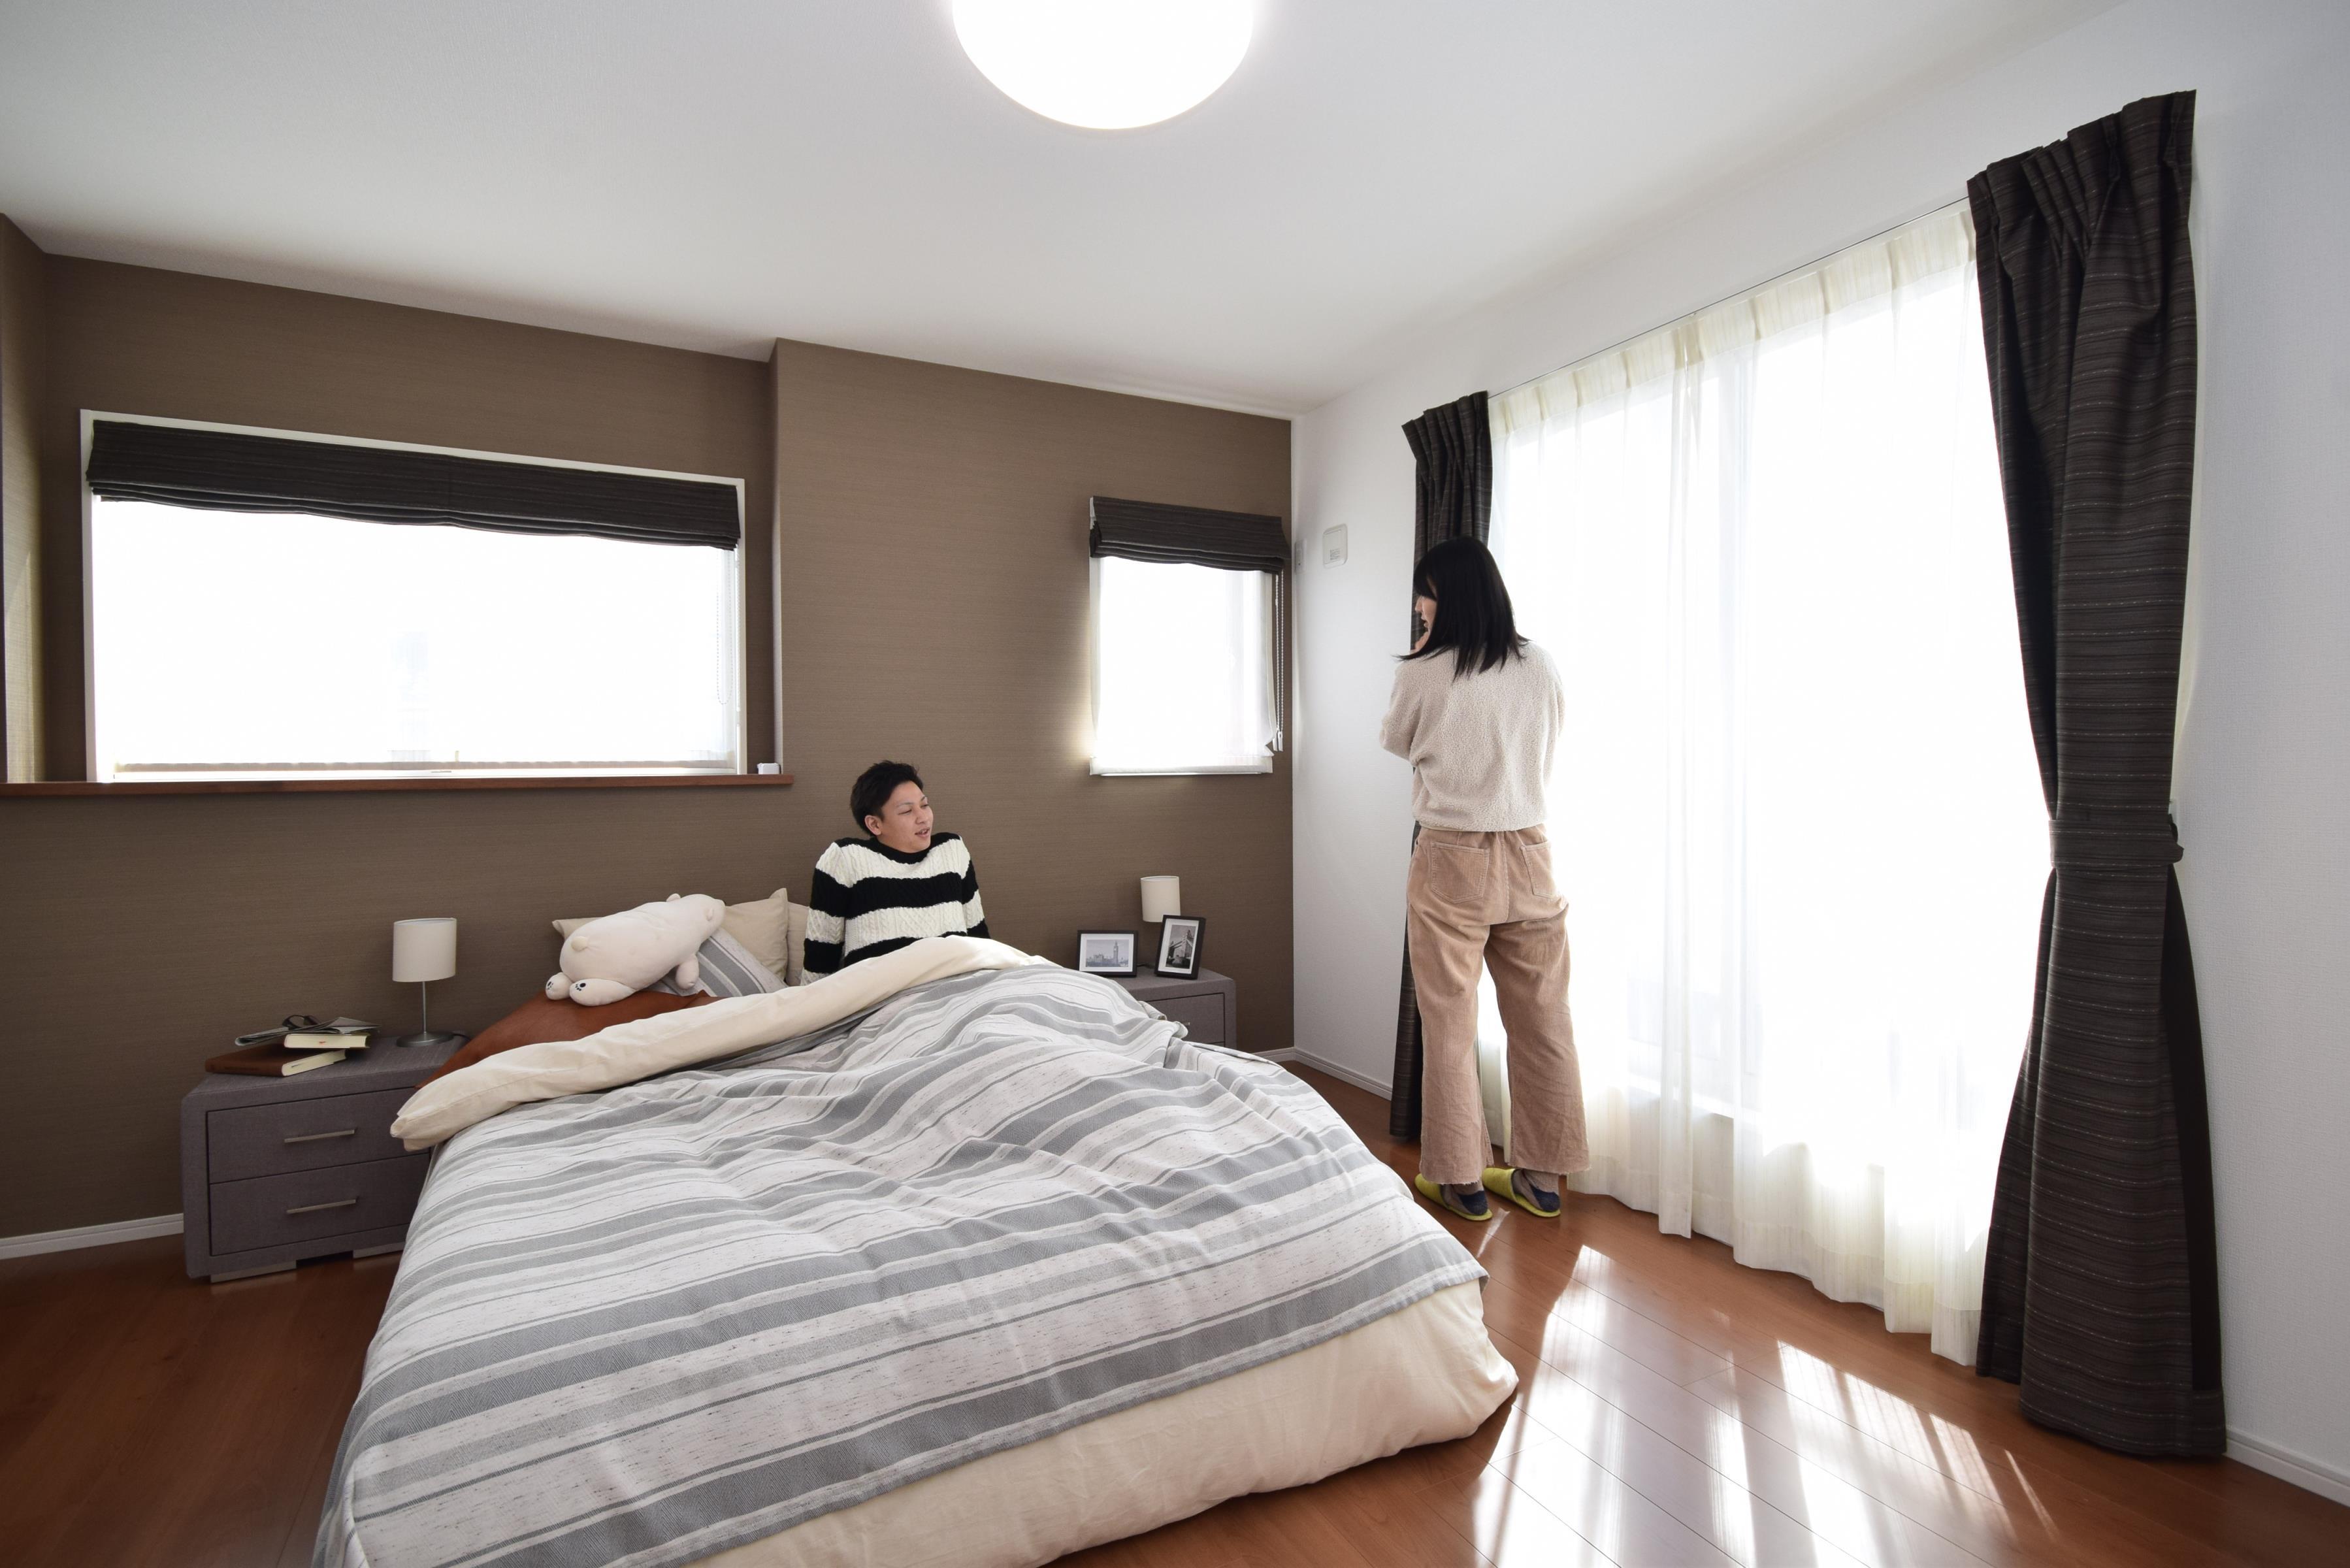 寝室「今日も一日お疲れ様」とご夫婦でゆったりくつろげる寝室。毎日の家事やお仕事に疲れた日はフカフカのベットで癒されてください。テレビや本棚をおいても快適な広さなのが自慢のお部屋です♪